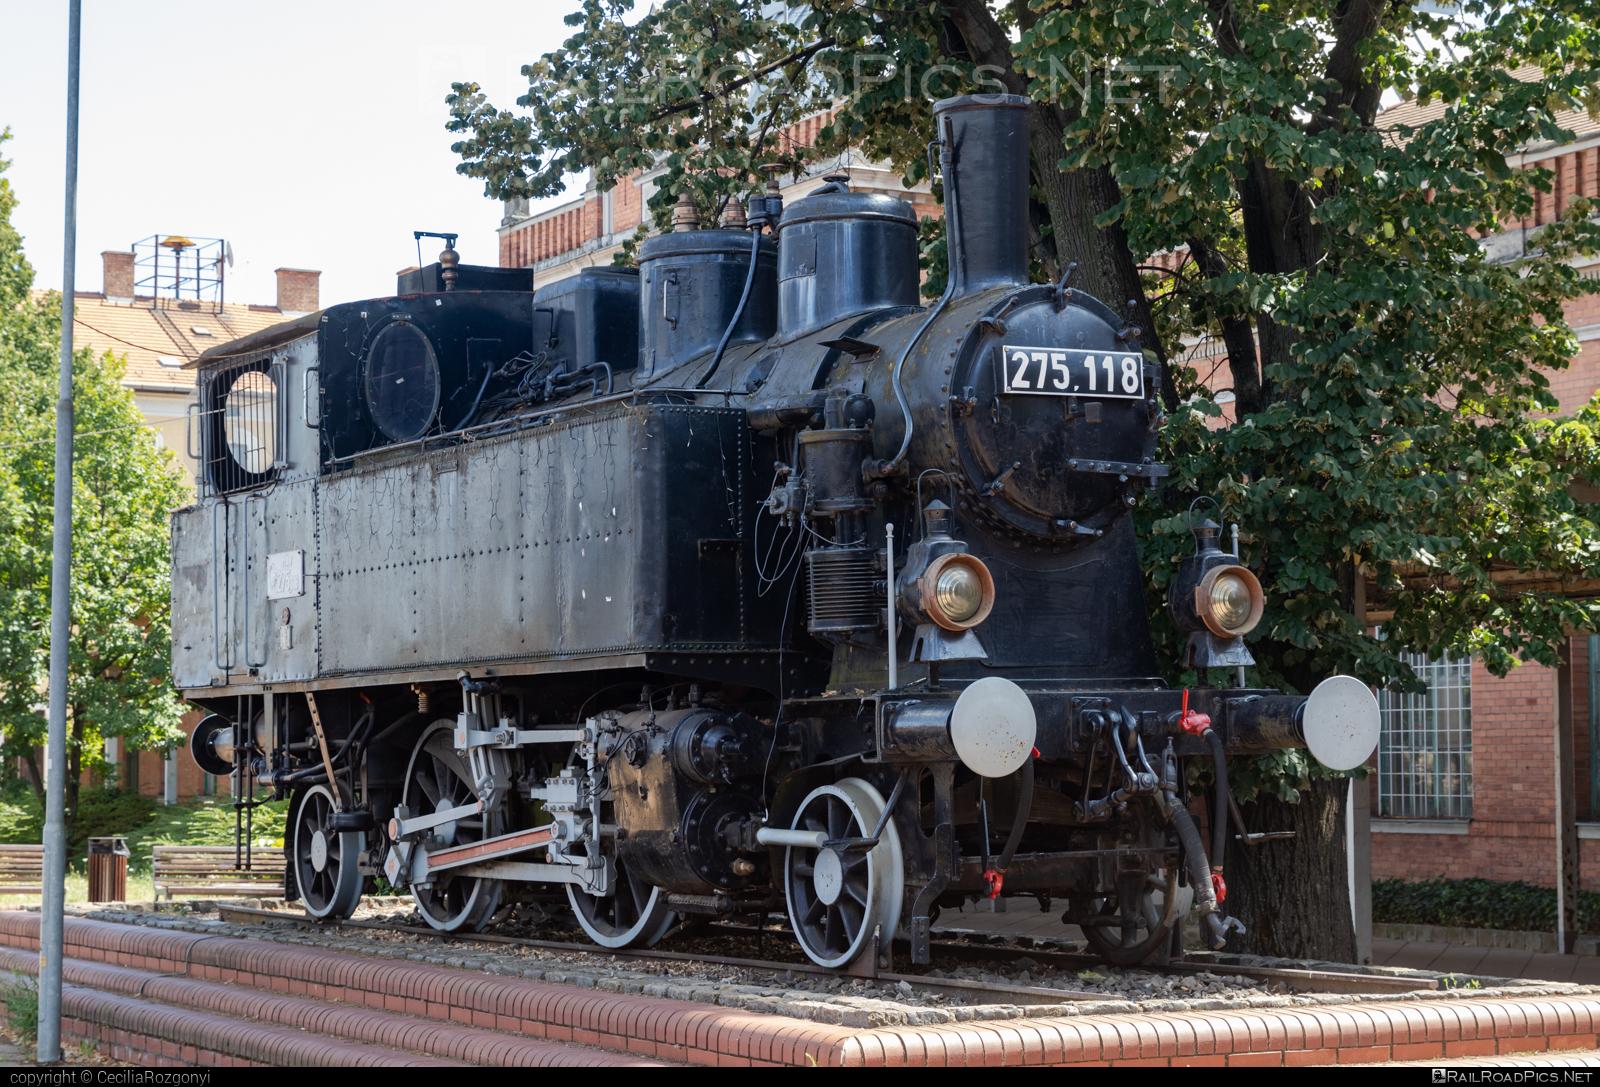 MÁVAG Class 22 - 275.118 operated by Magyar Államvasutak ZRt. #magyarallamvasutak #magyarallamvasutakzrt #mav #mavag #mavclass22 #mavclass275